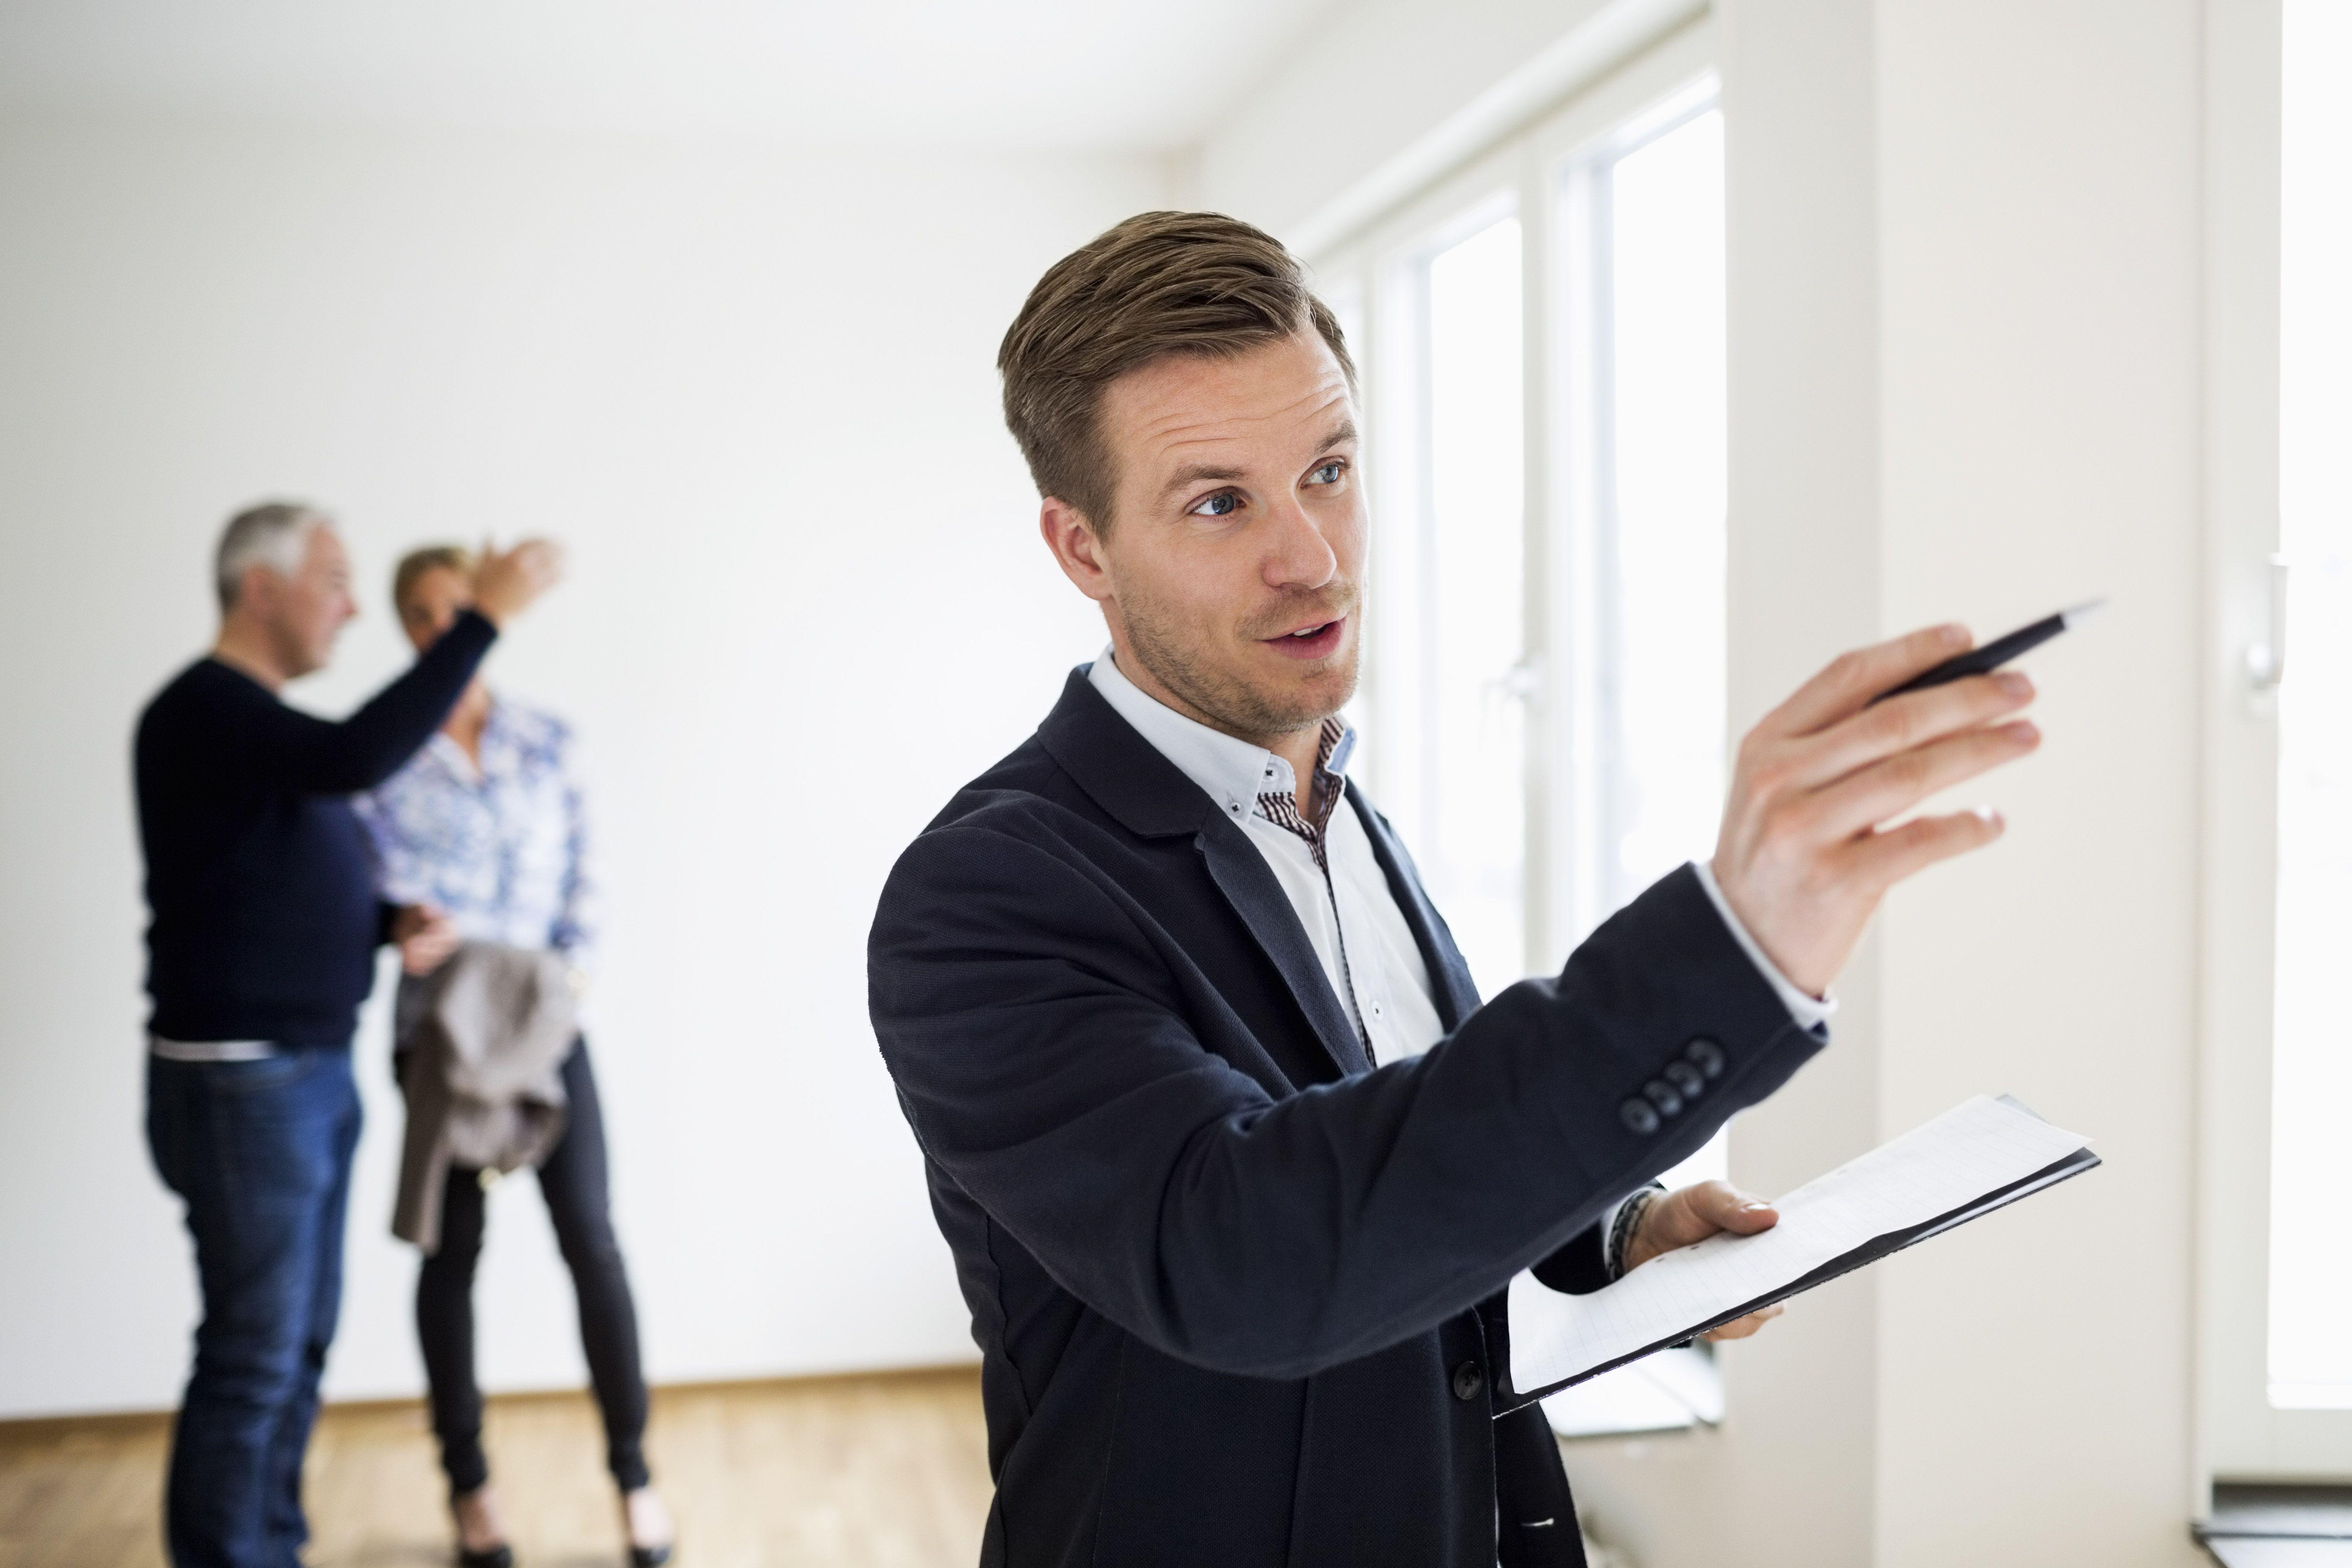 Real Estate Appraiser - Job Description